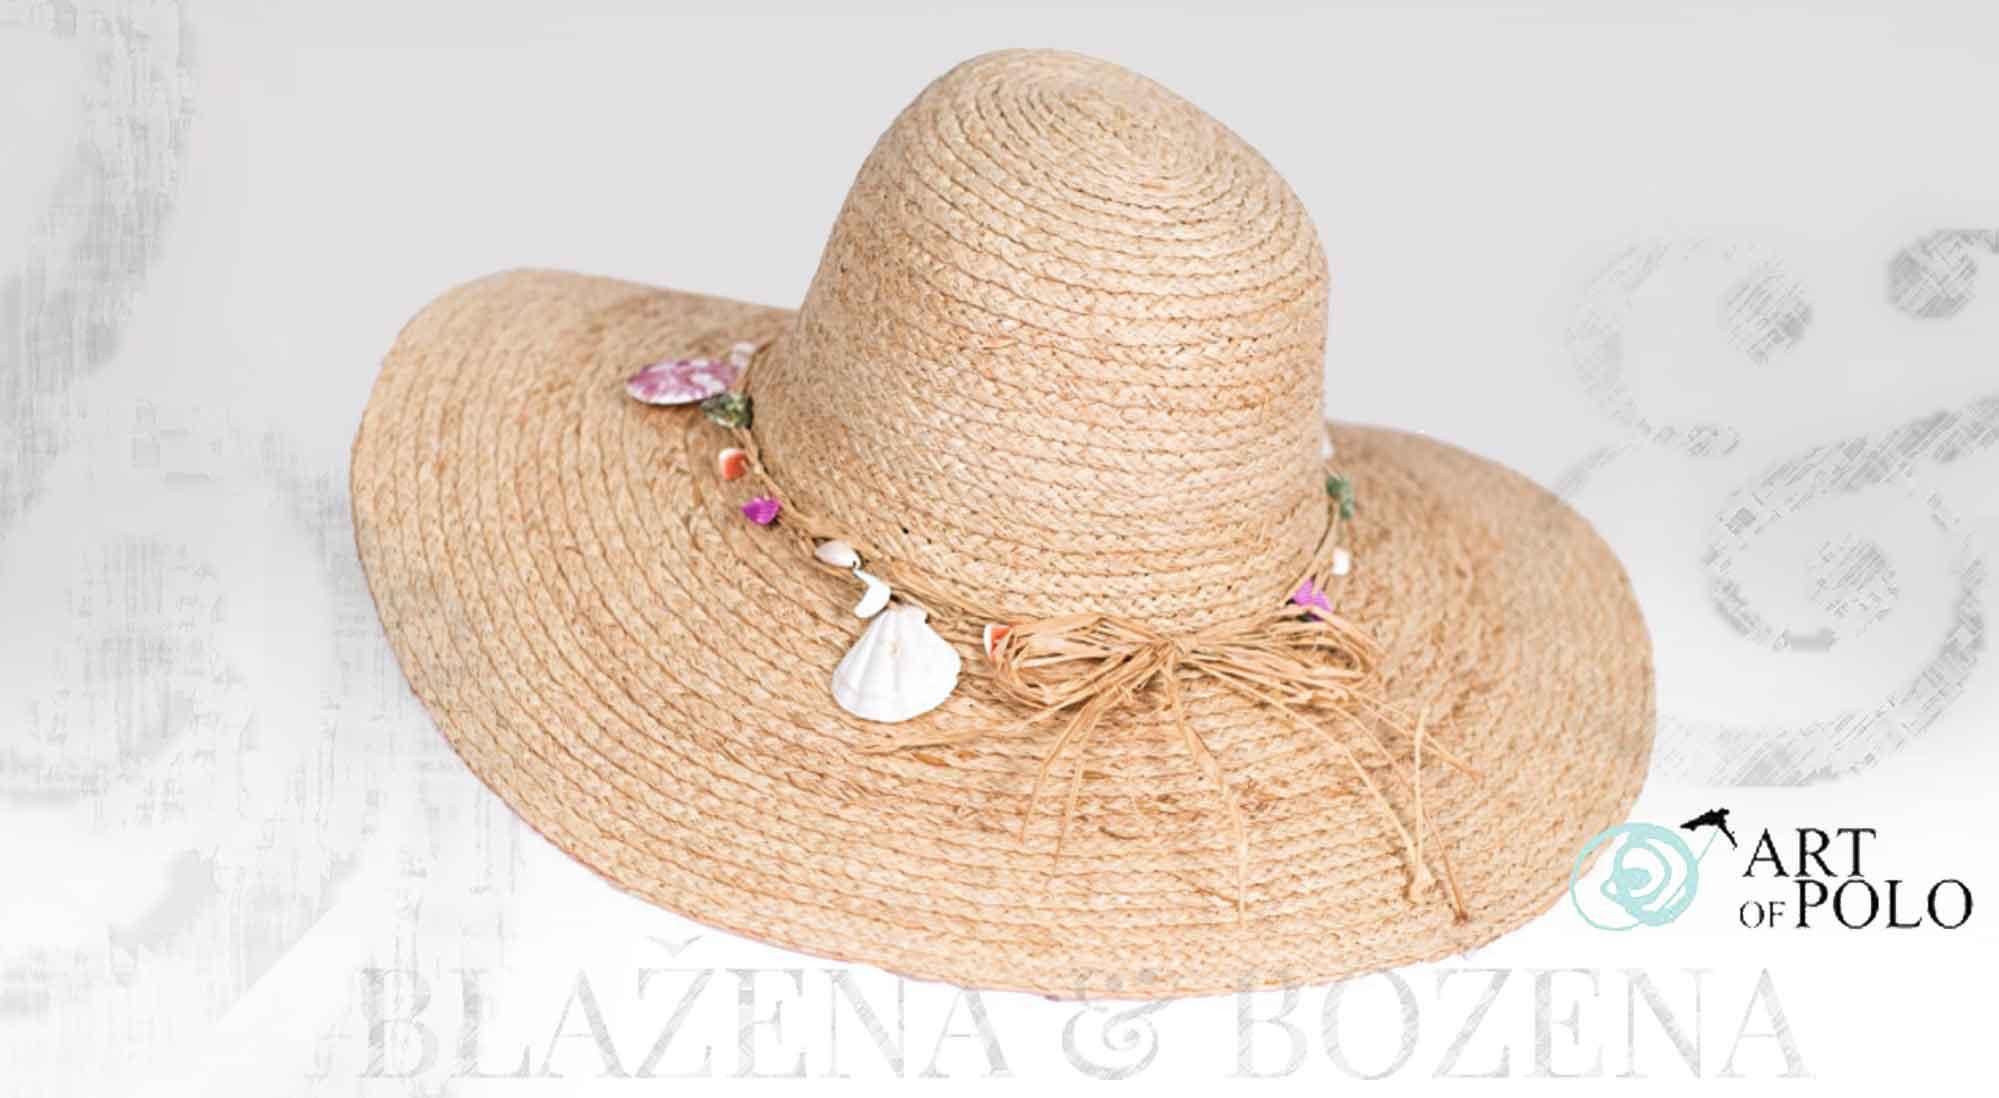 8376eb2427b Blažena Božena. královny klobouků. Dámský letní klobouk Raffia